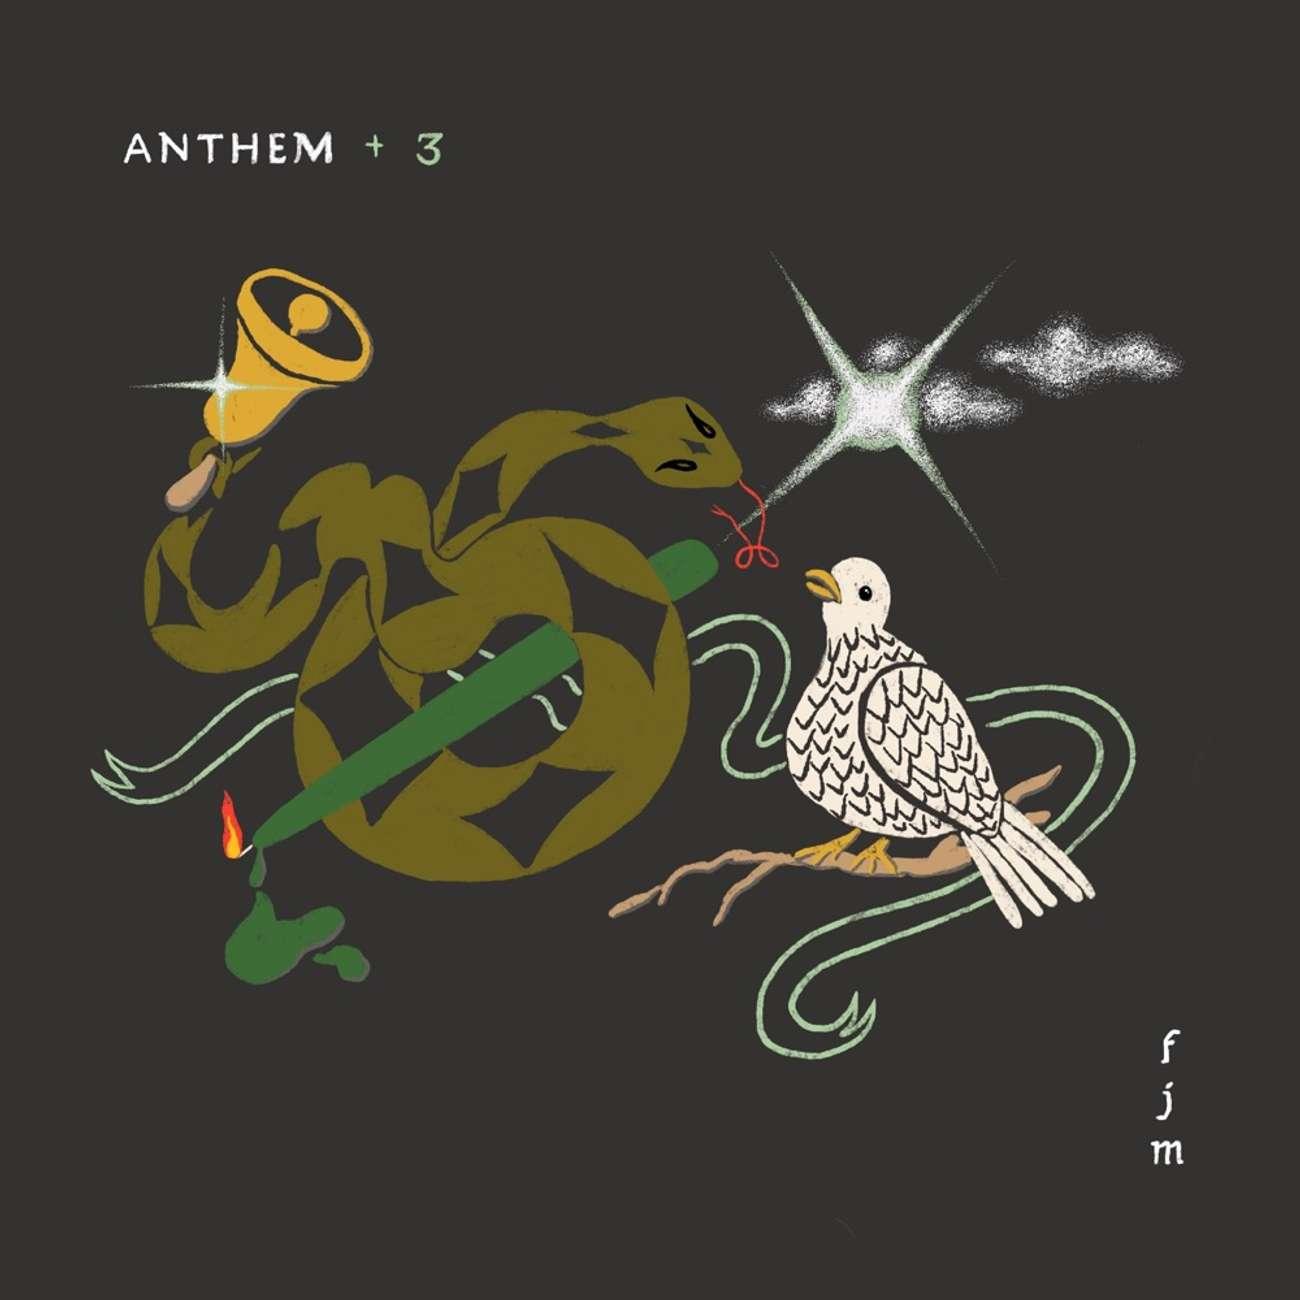 Anthem +3 by Father John Misty